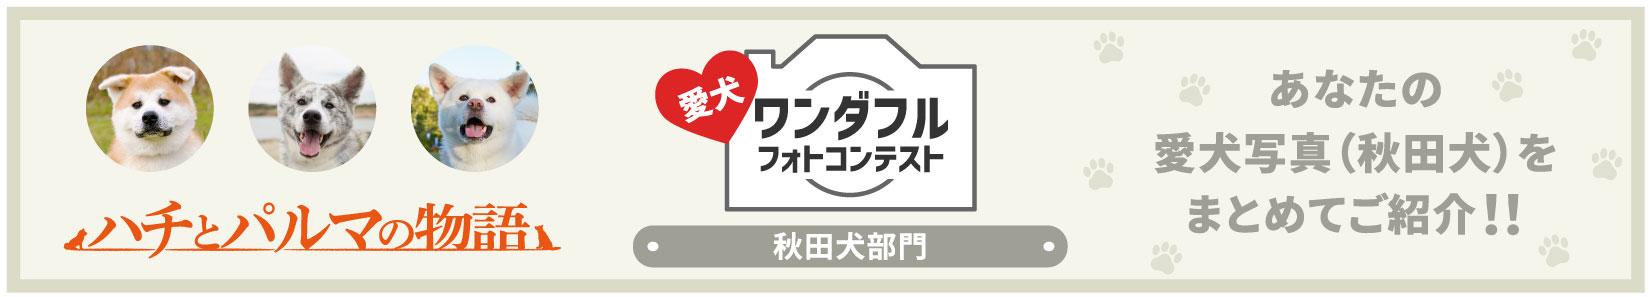 愛犬ワンダフルフォトコンテスト 秋田犬部門